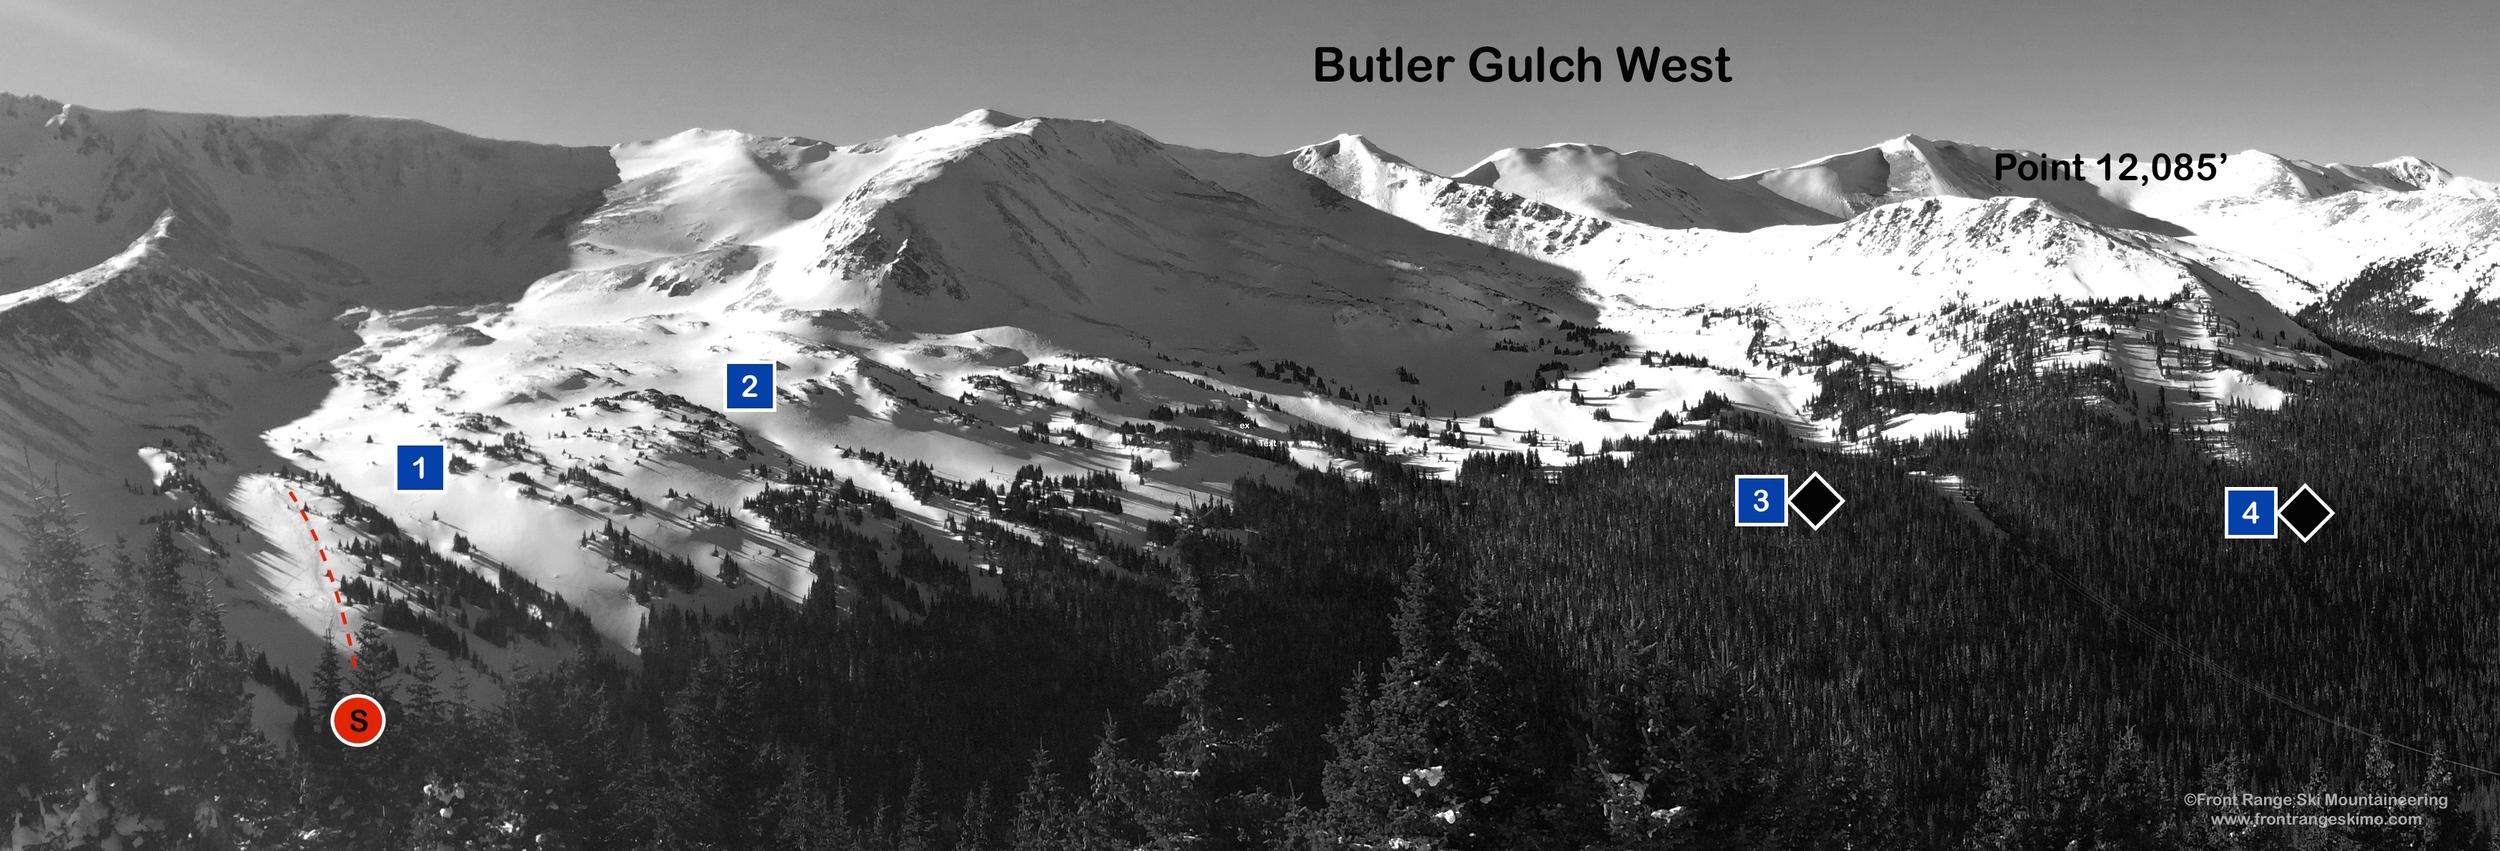 Butler Gulch West